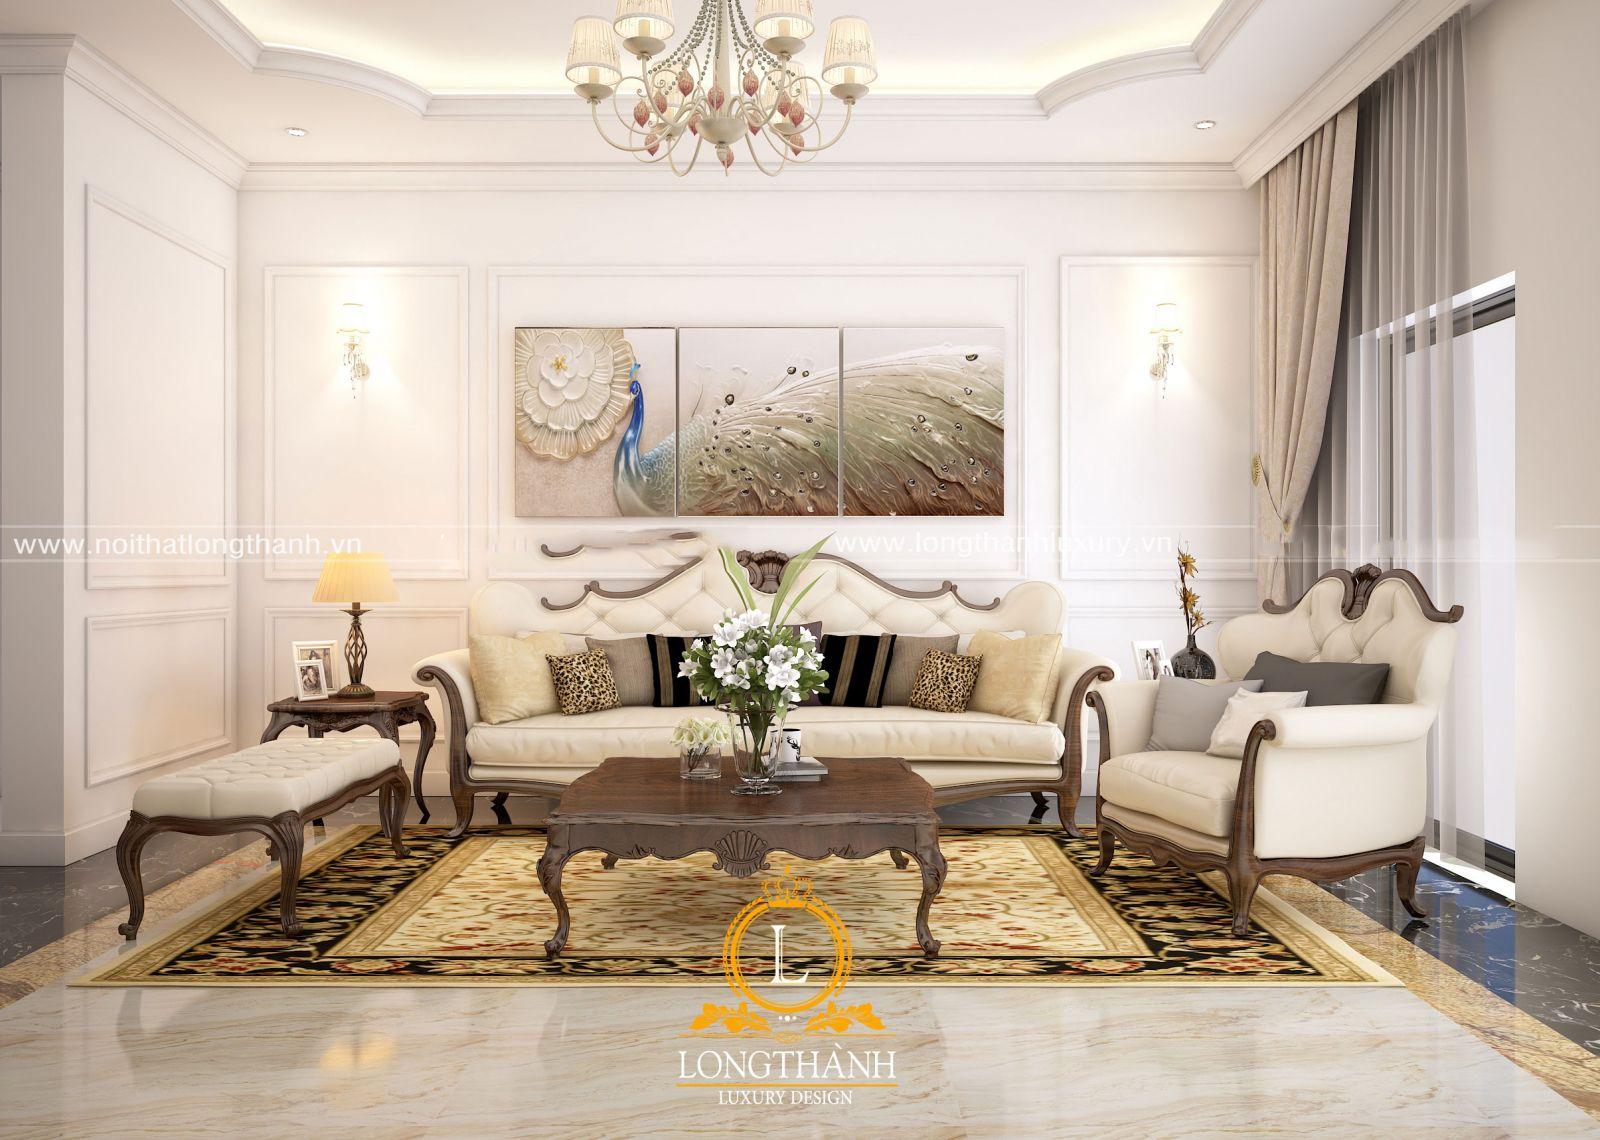 Sofa tân cổ điển đơn giản cho phòng khách nhà phố hẹp